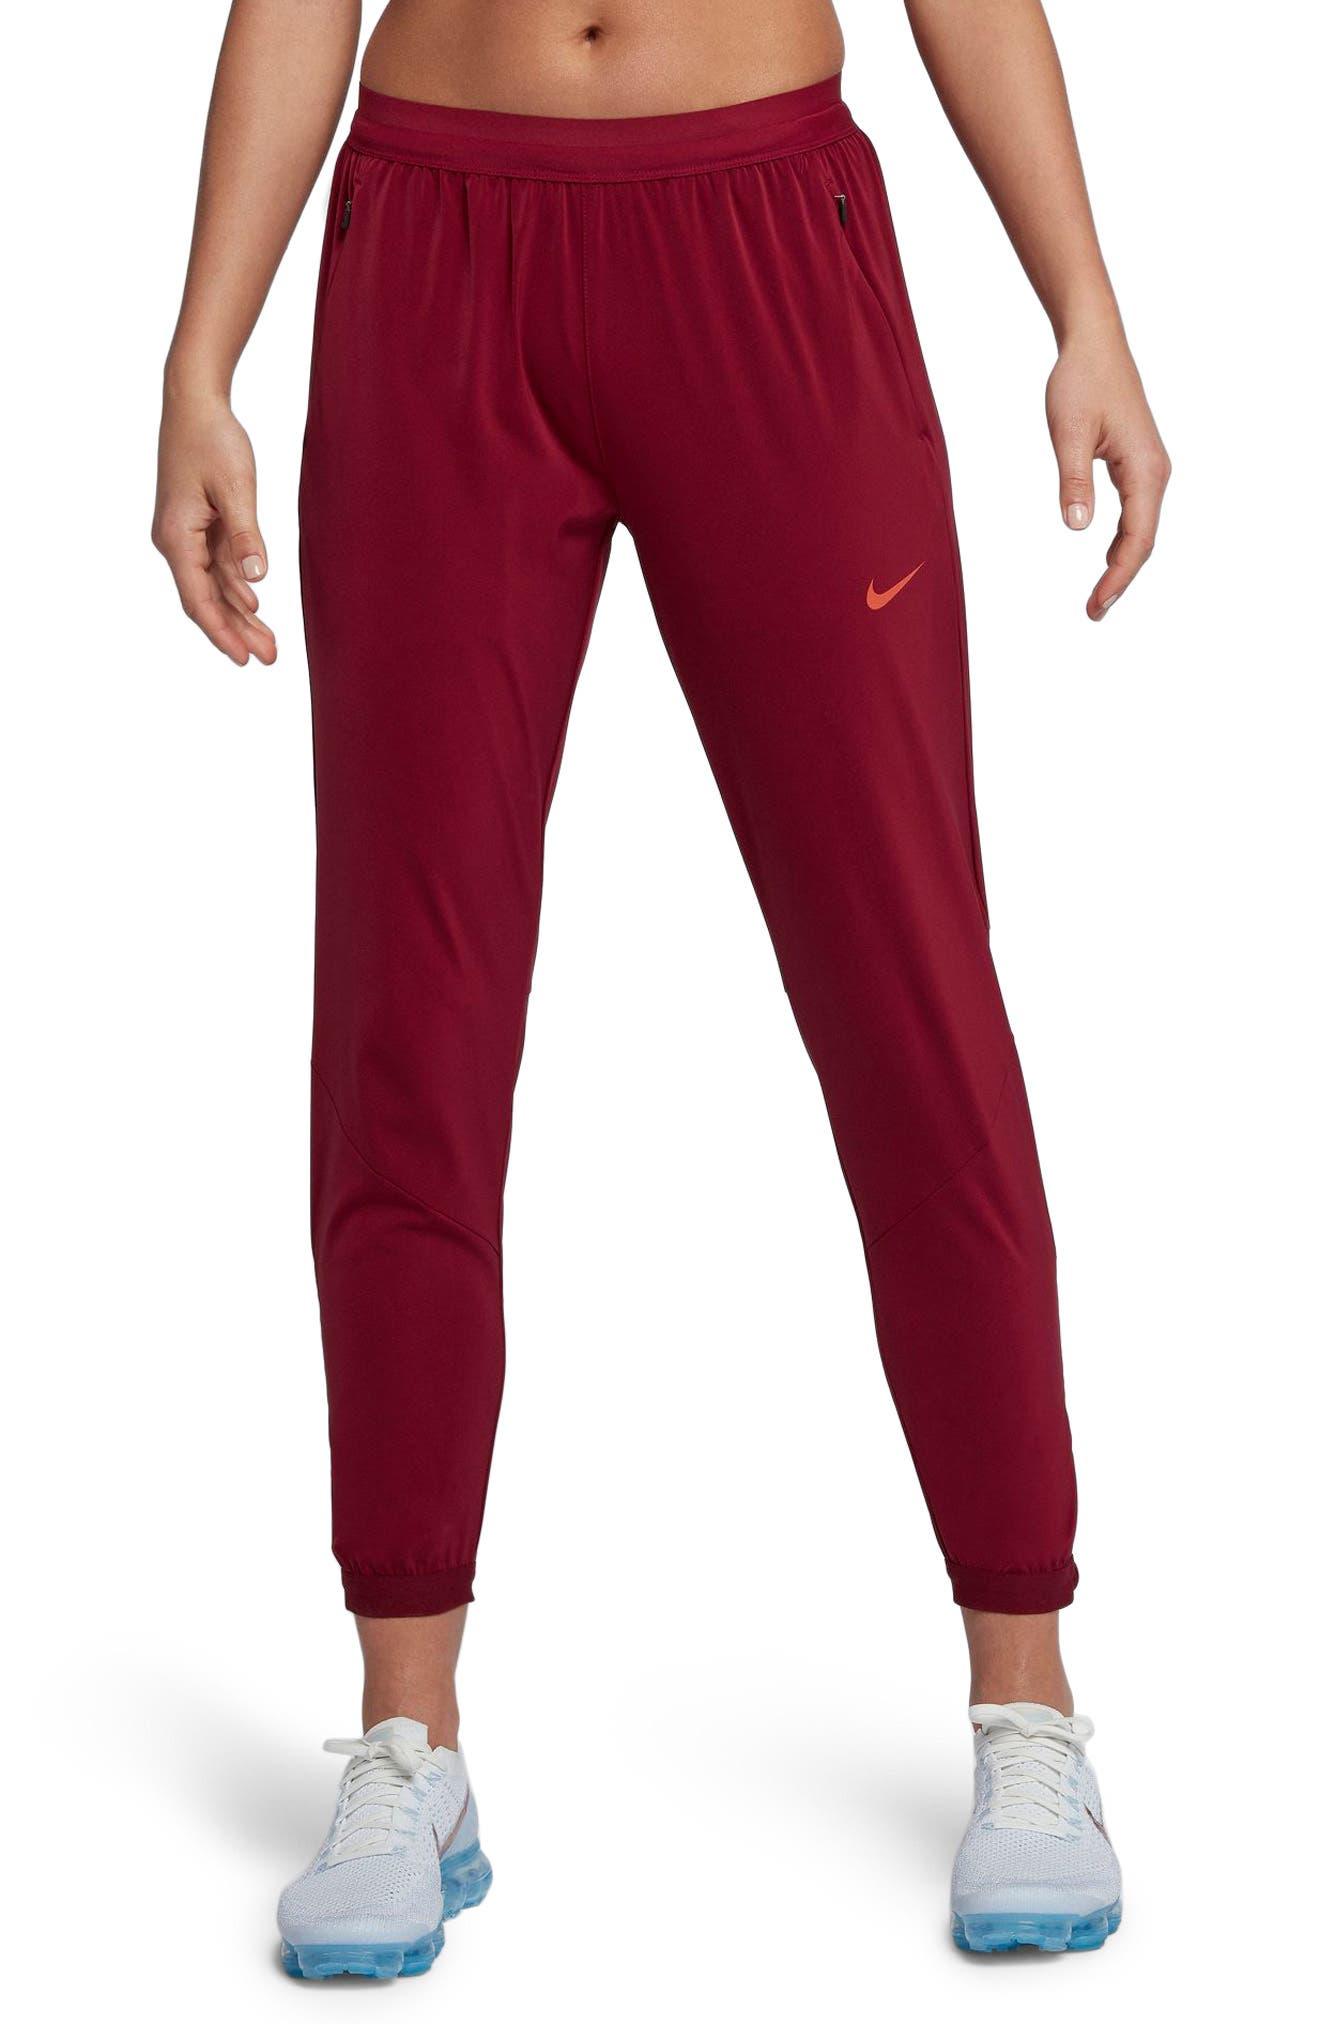 Nike Women's Dry Running Stadium Pants